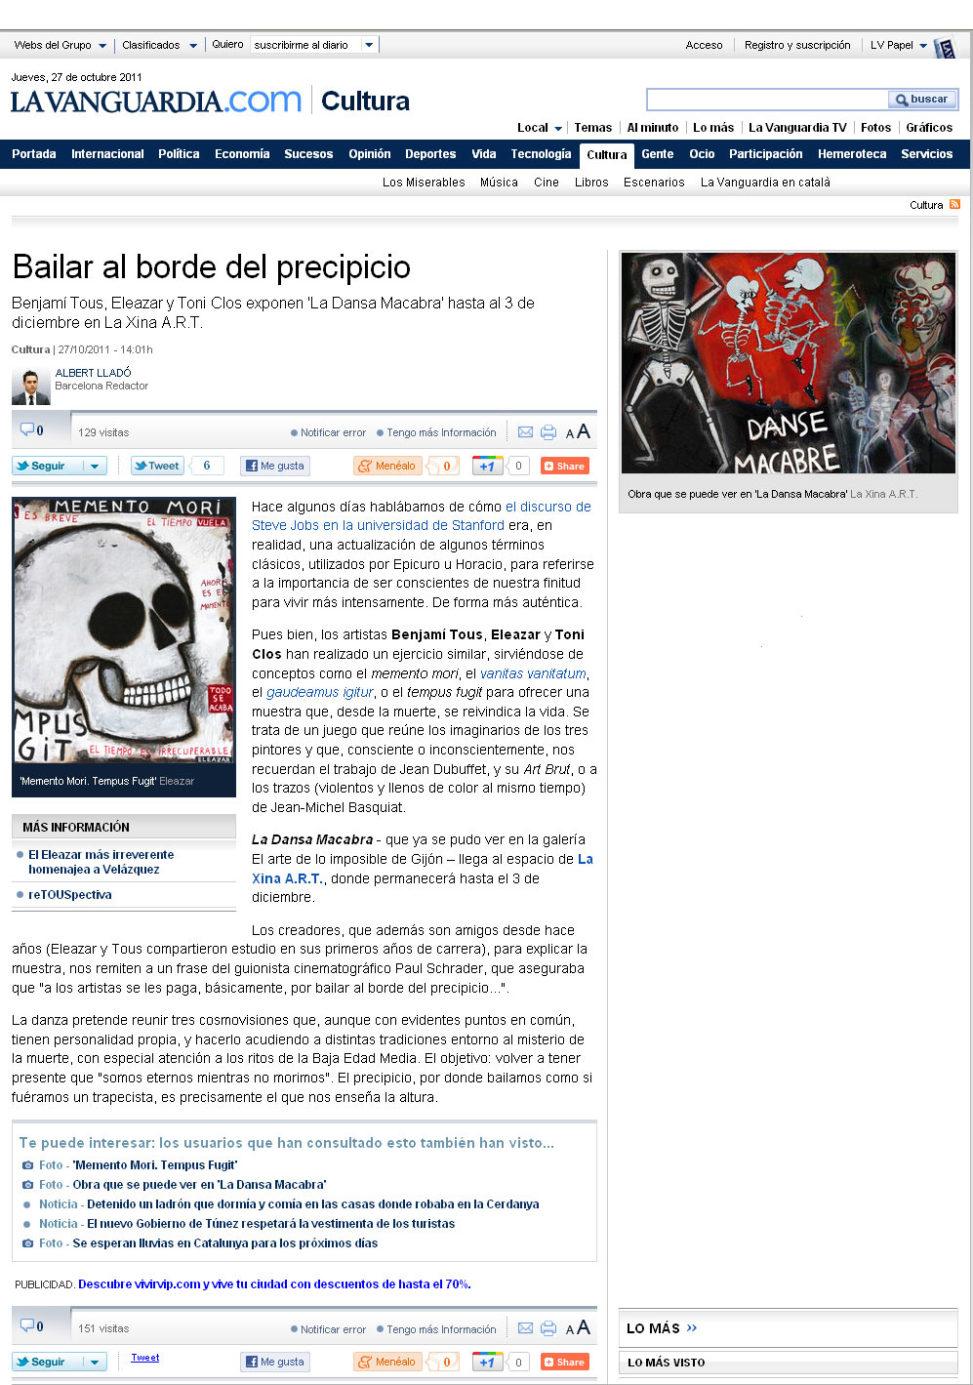 La Vanguardia. 27-11-2011